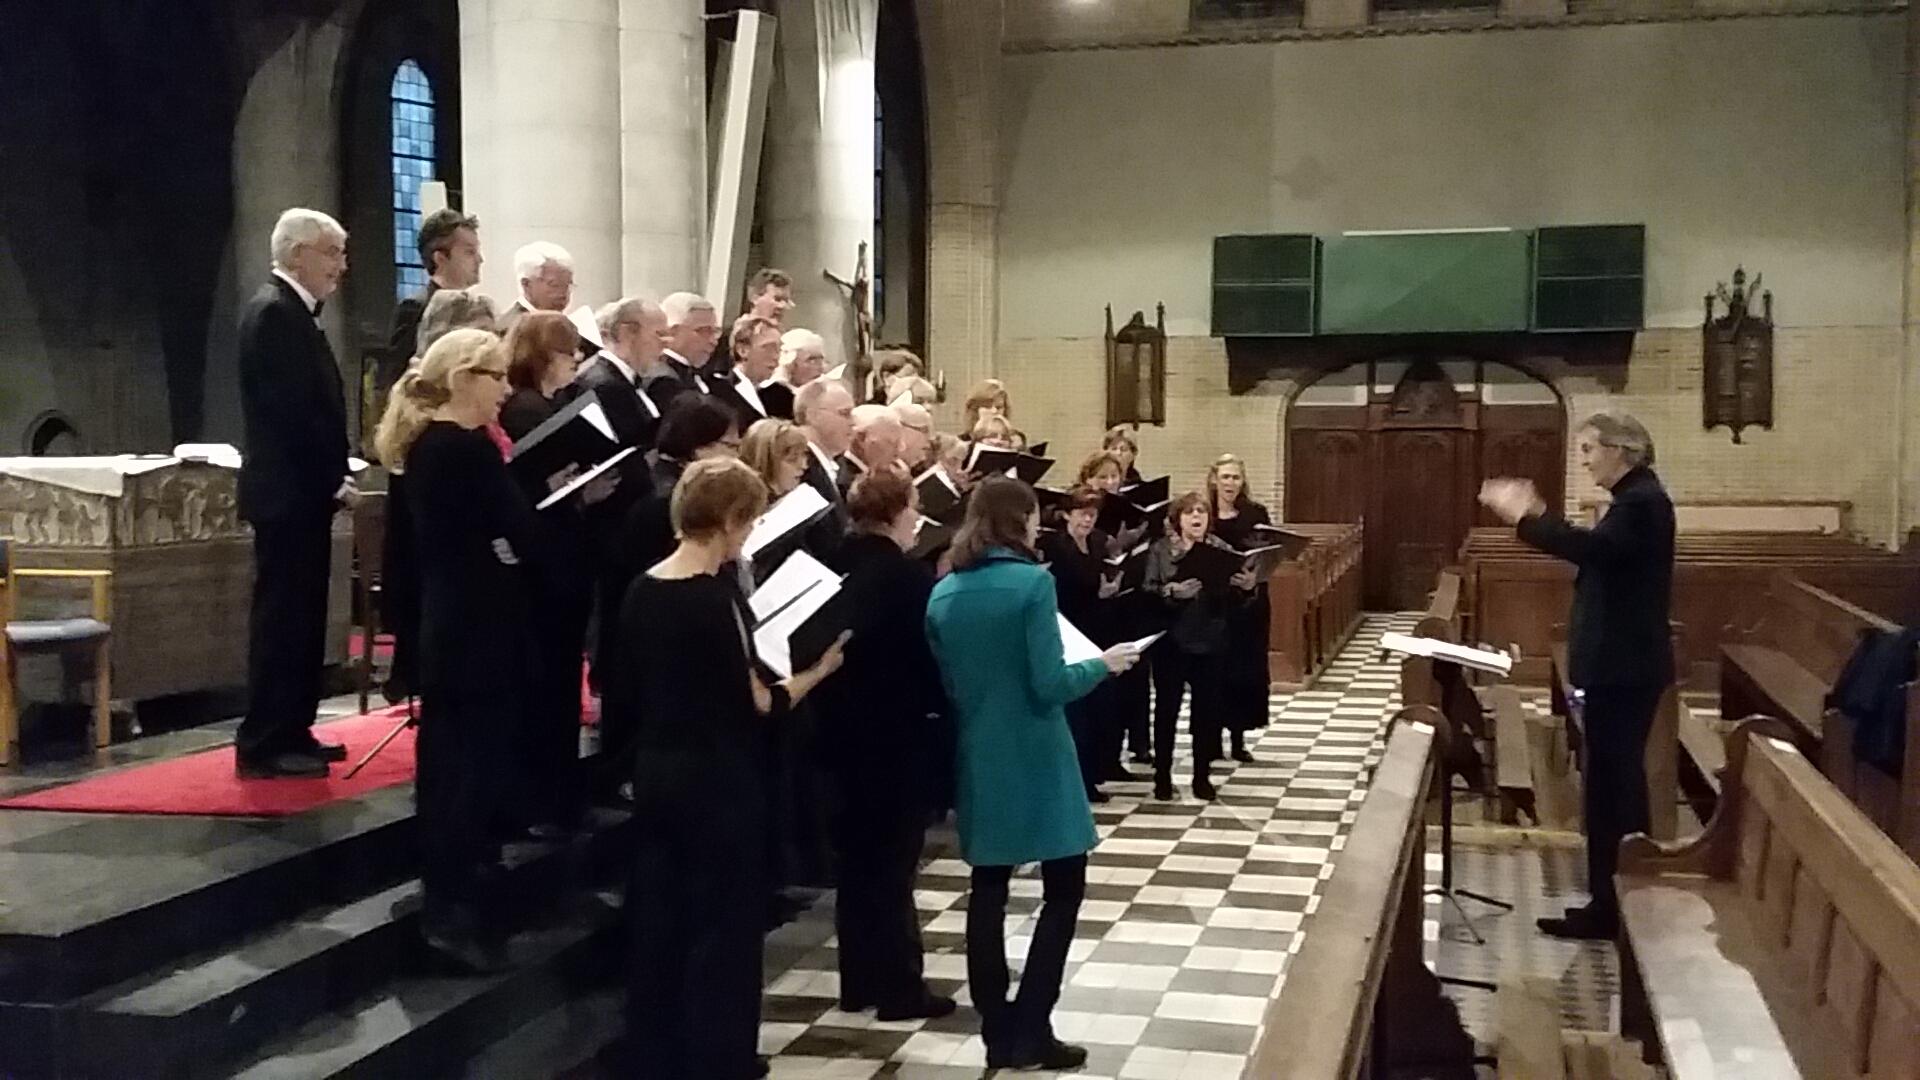 Uitvoering in de Laurentuiskerk